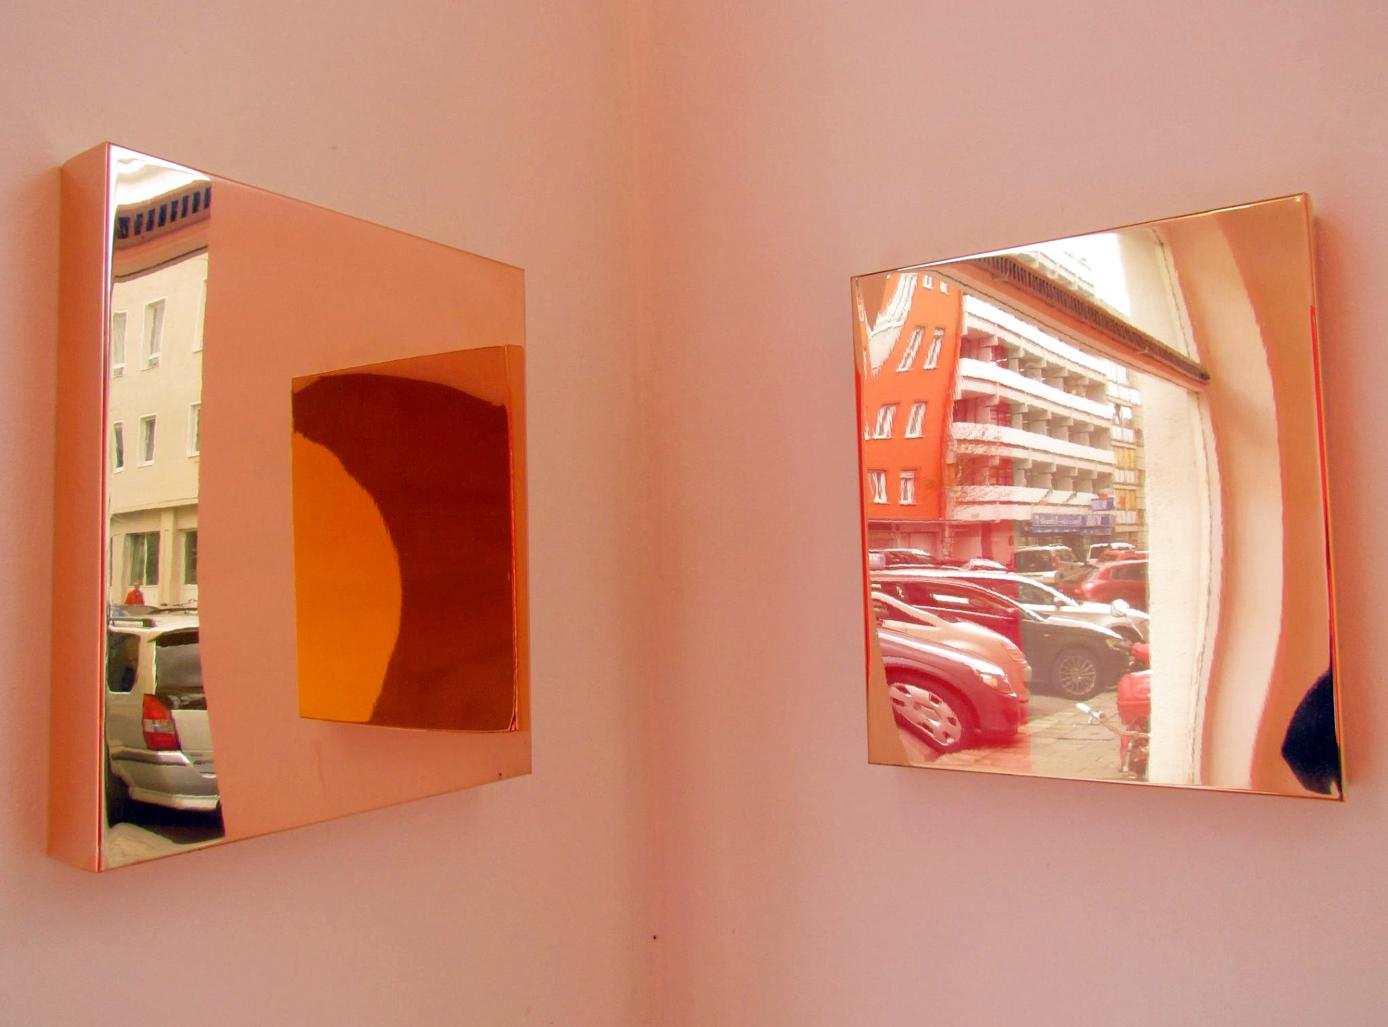 super-plus-centercourt-gallery-künstler-maler-christian-muscheid9.jpg